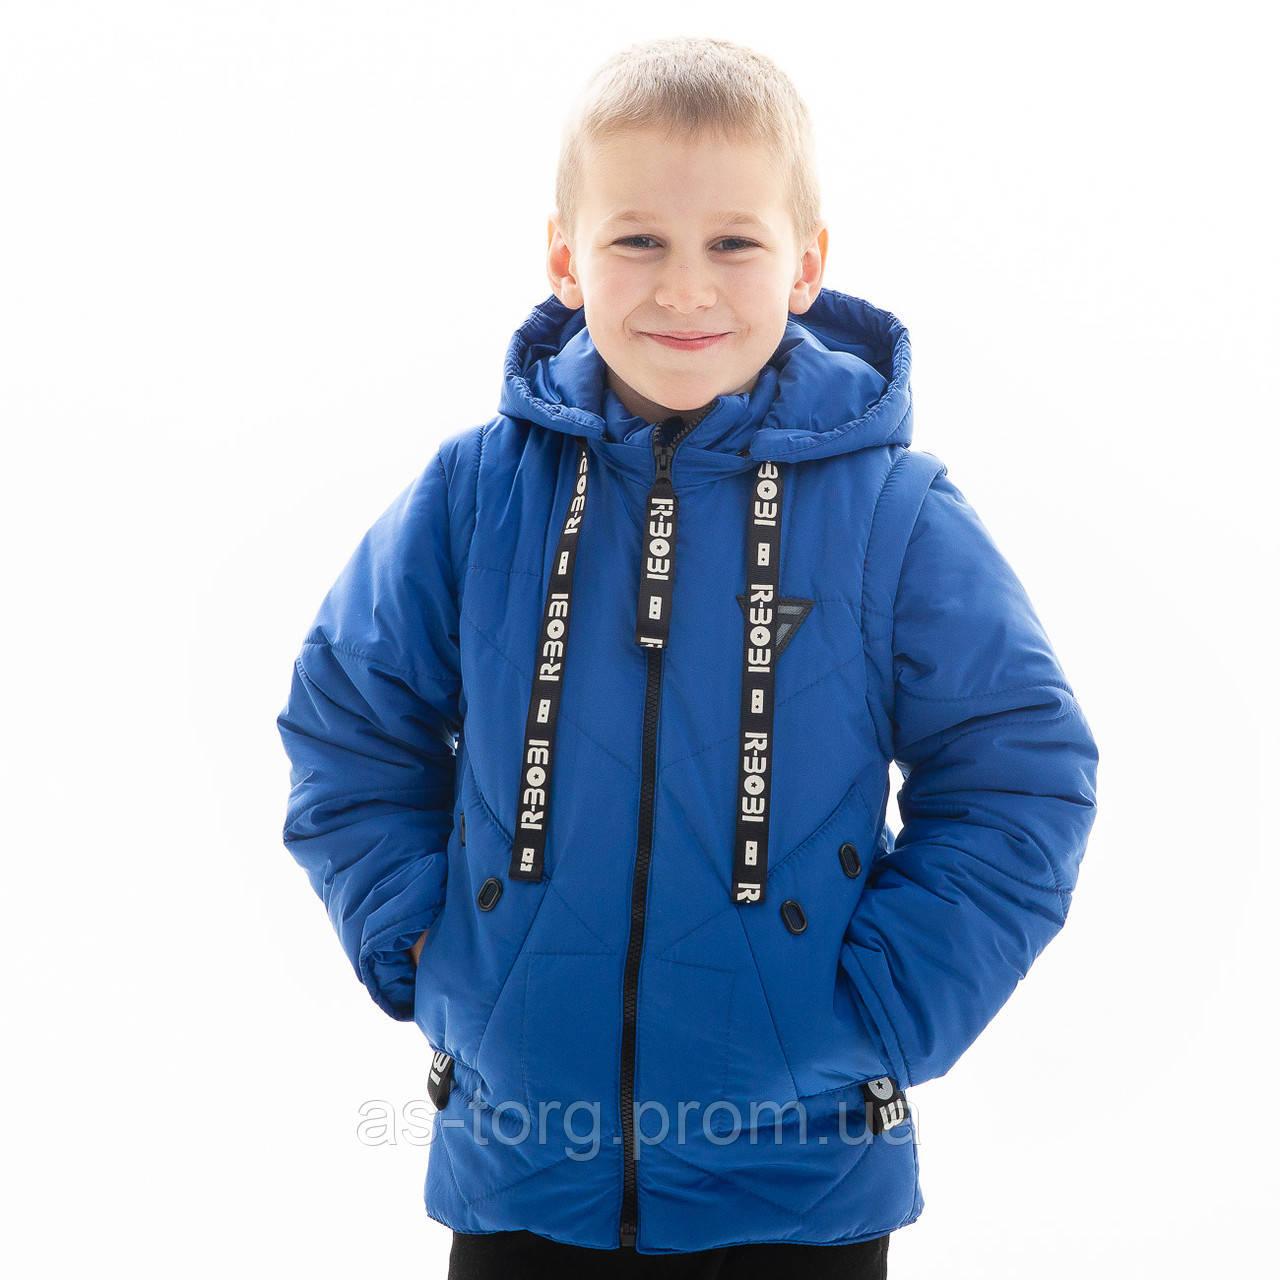 Куртка-жилет для мальчика «Джоб»